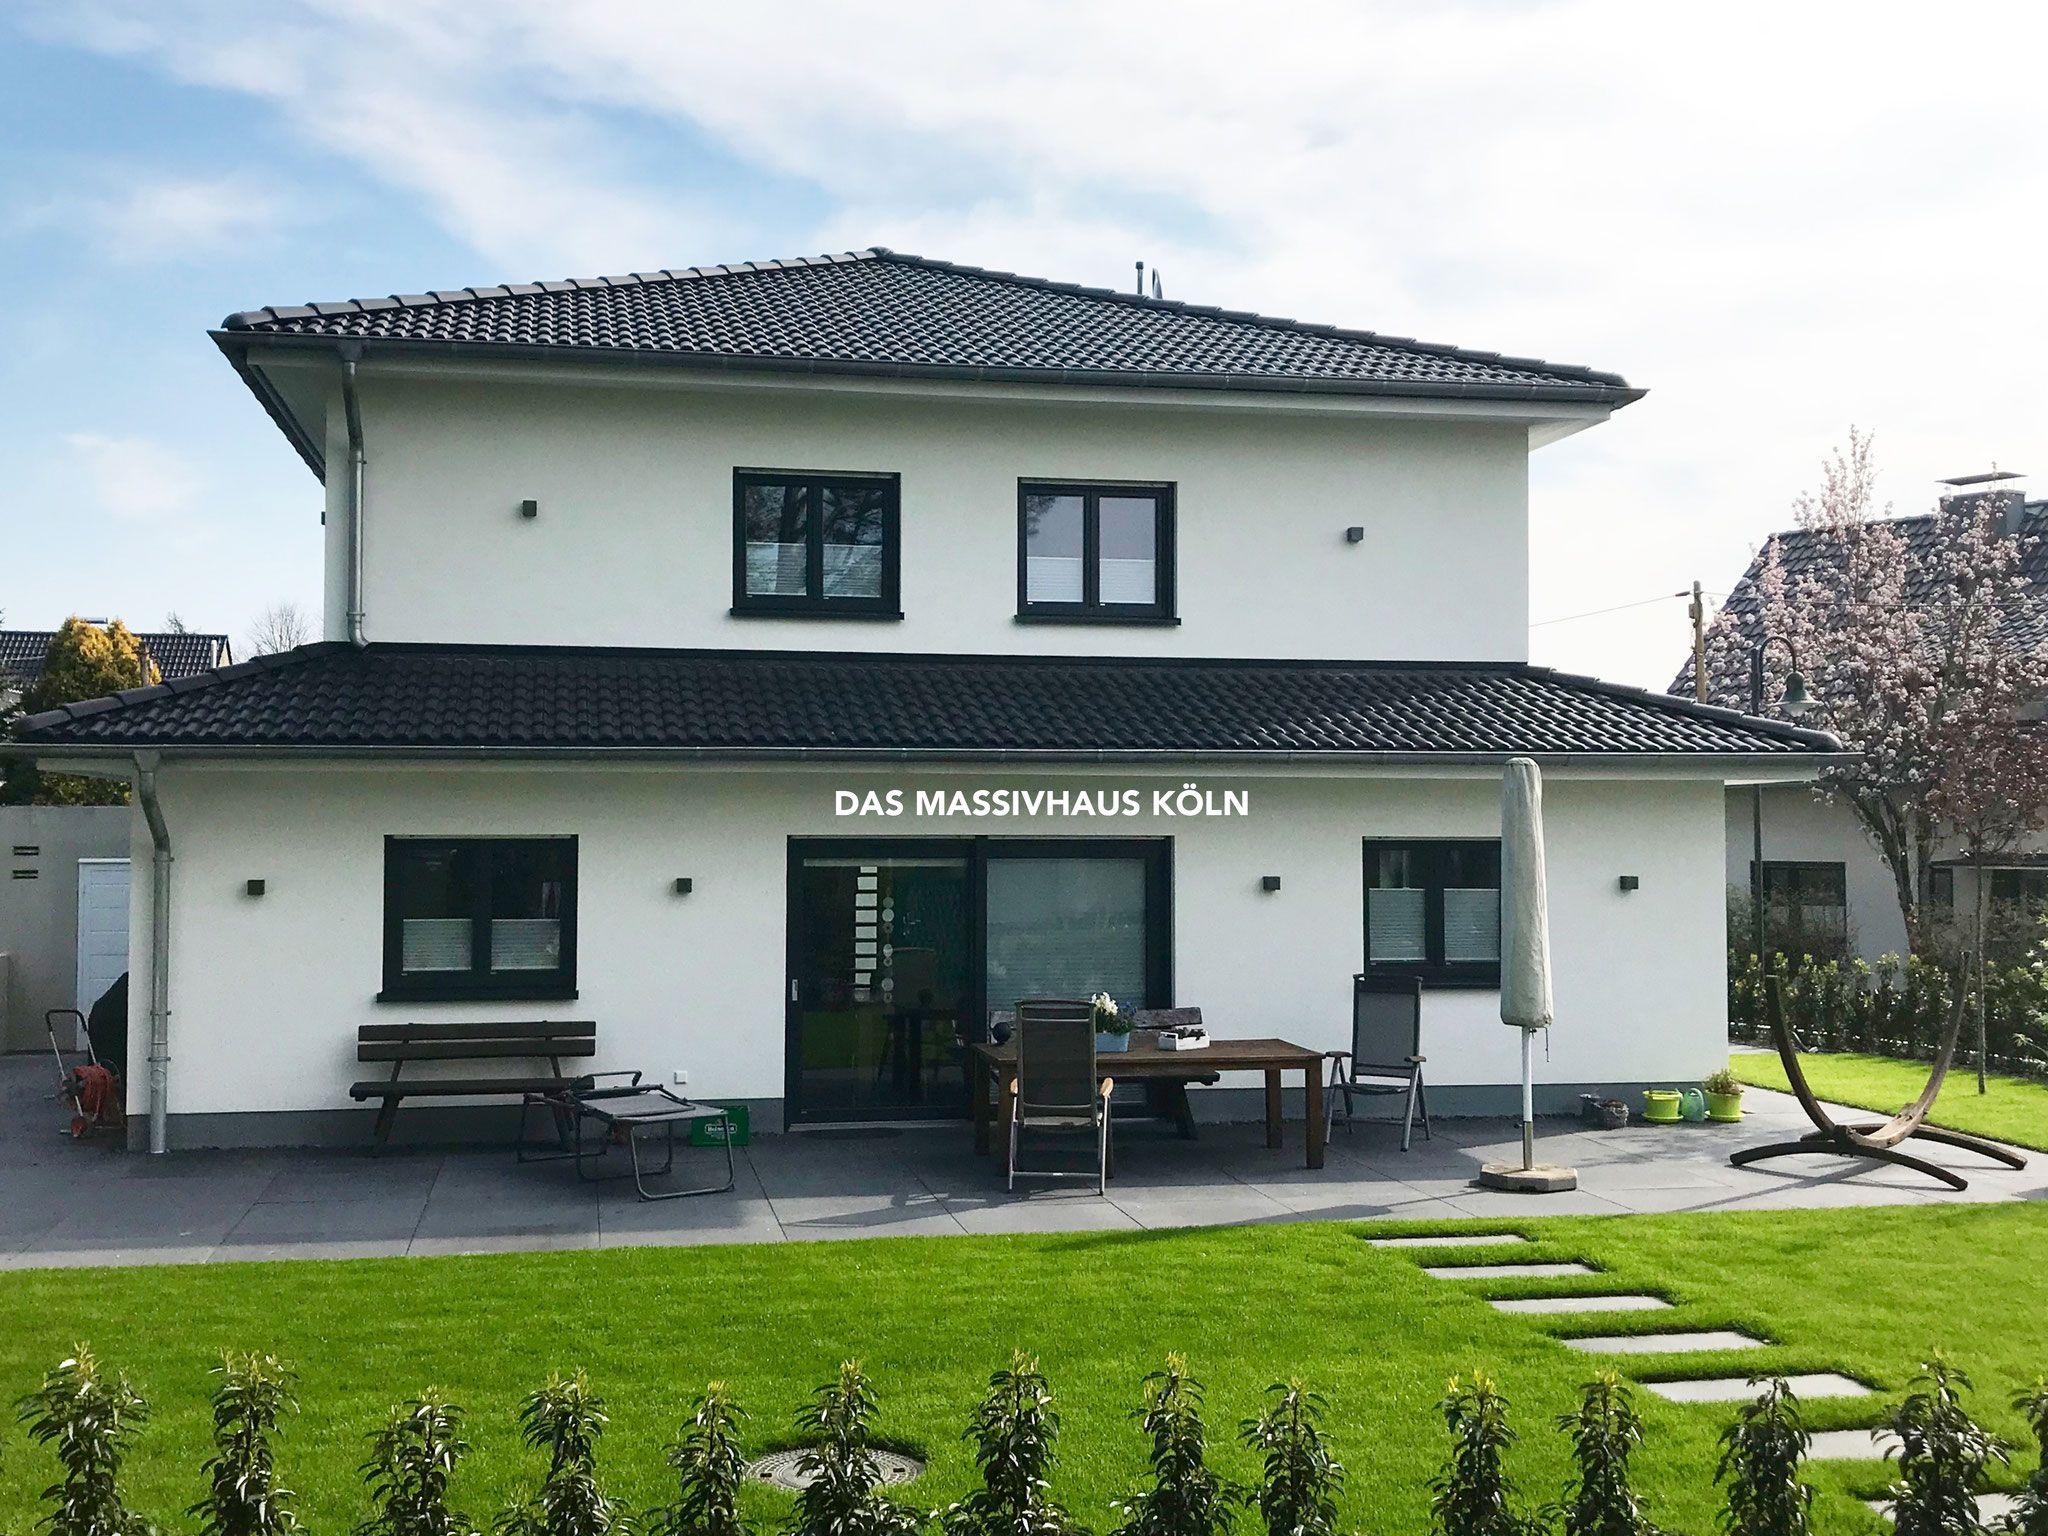 Gebaute Ef 55 Hauser Das Massivhaus Koln Ist Fur Sie Da Umfangreicher Service Beginnt Mit Dem Ersten Gesprach Bis Zum Frohlic Haus Bauplan Haus Toskana Haus